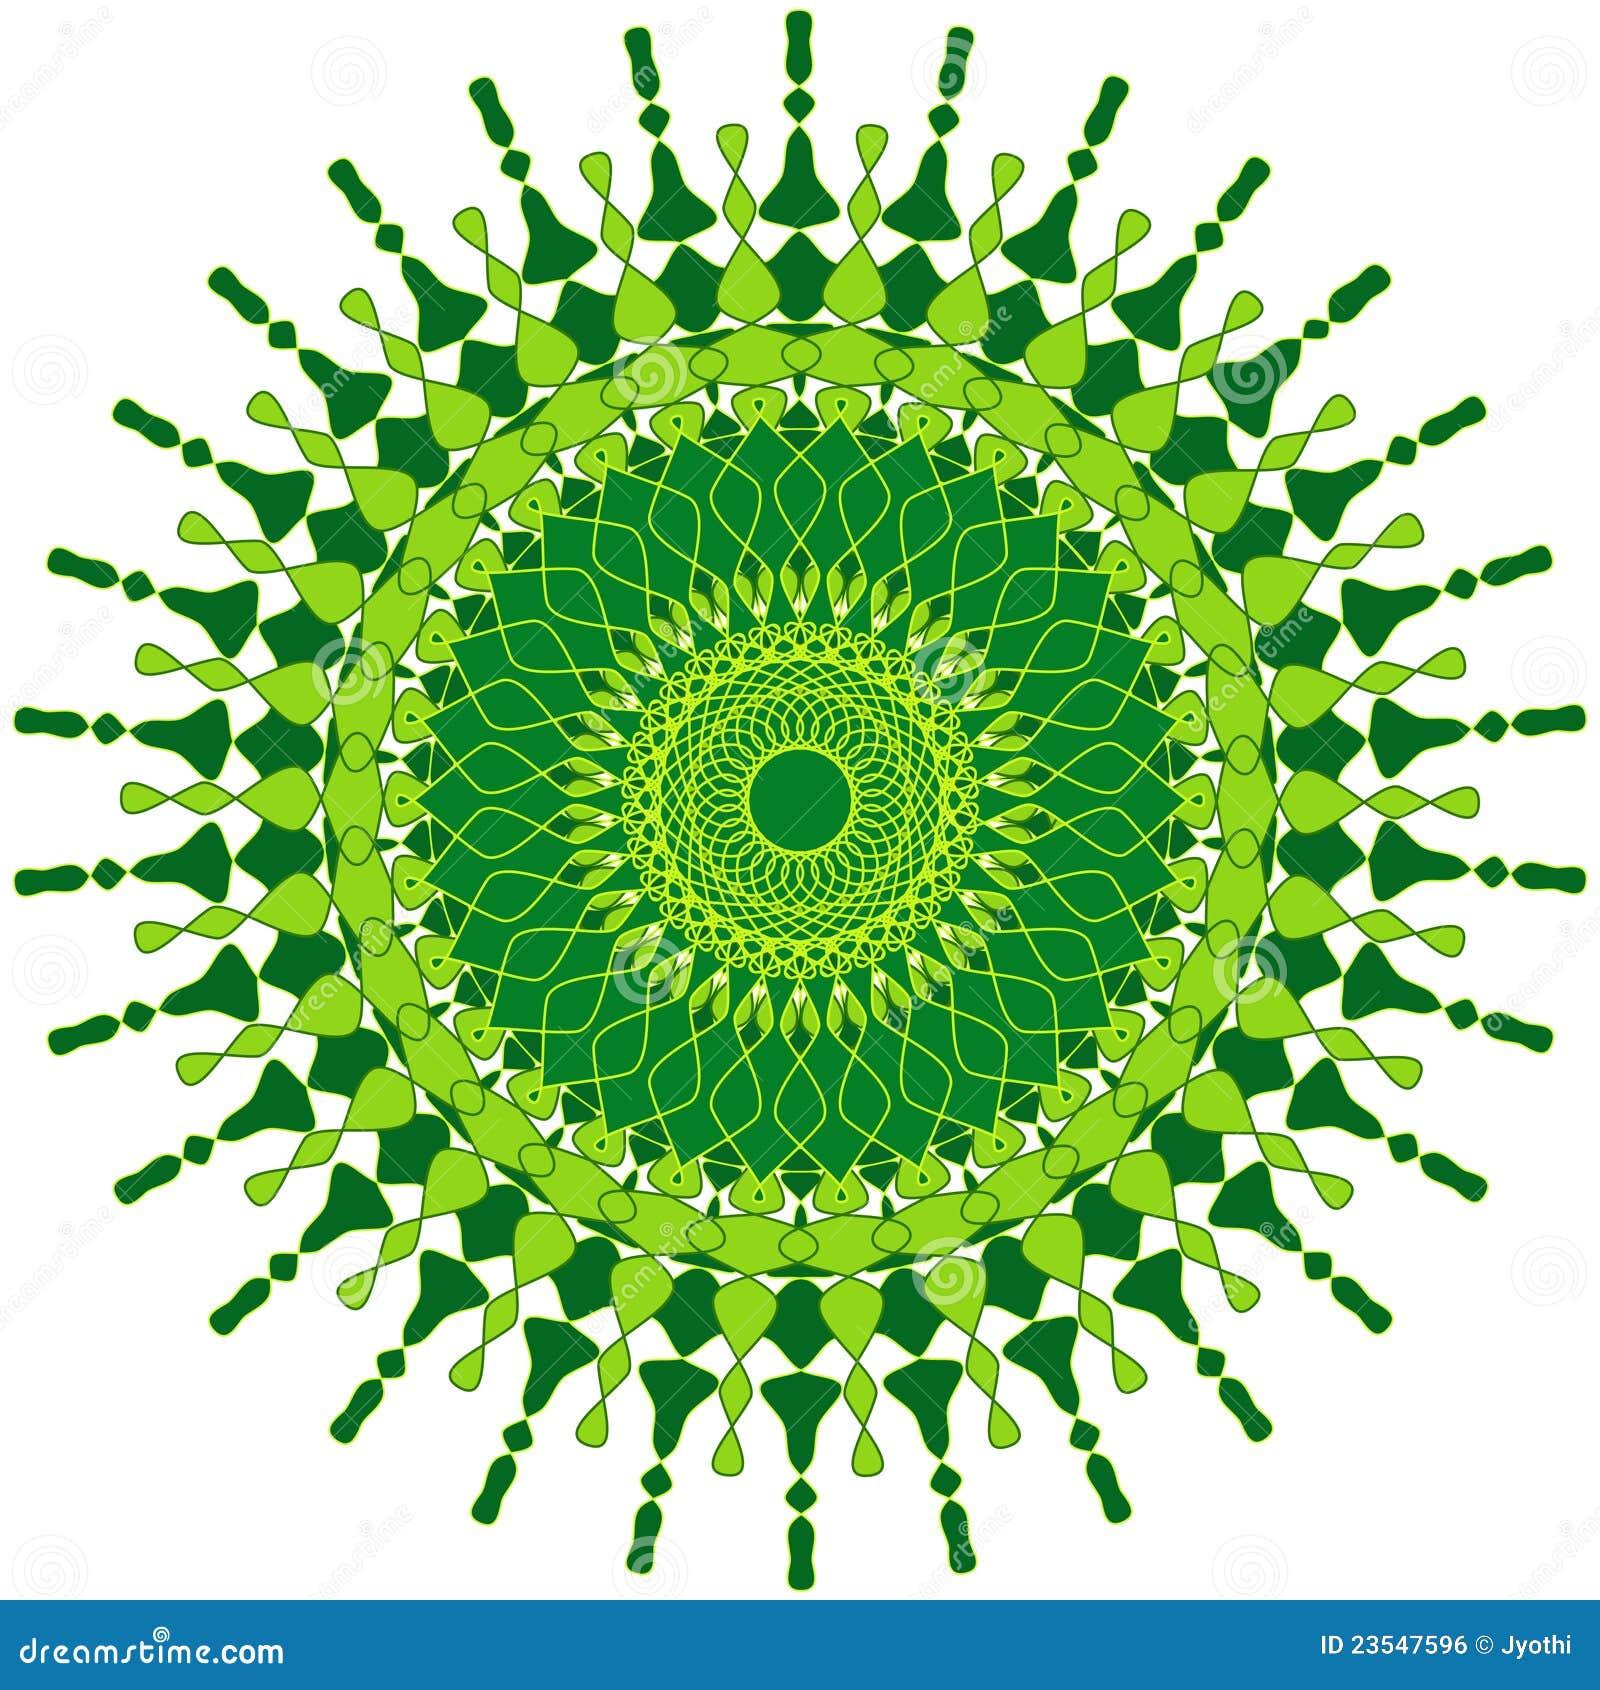 Artistic Mandala Royalty Free Stock Image Image 23547596